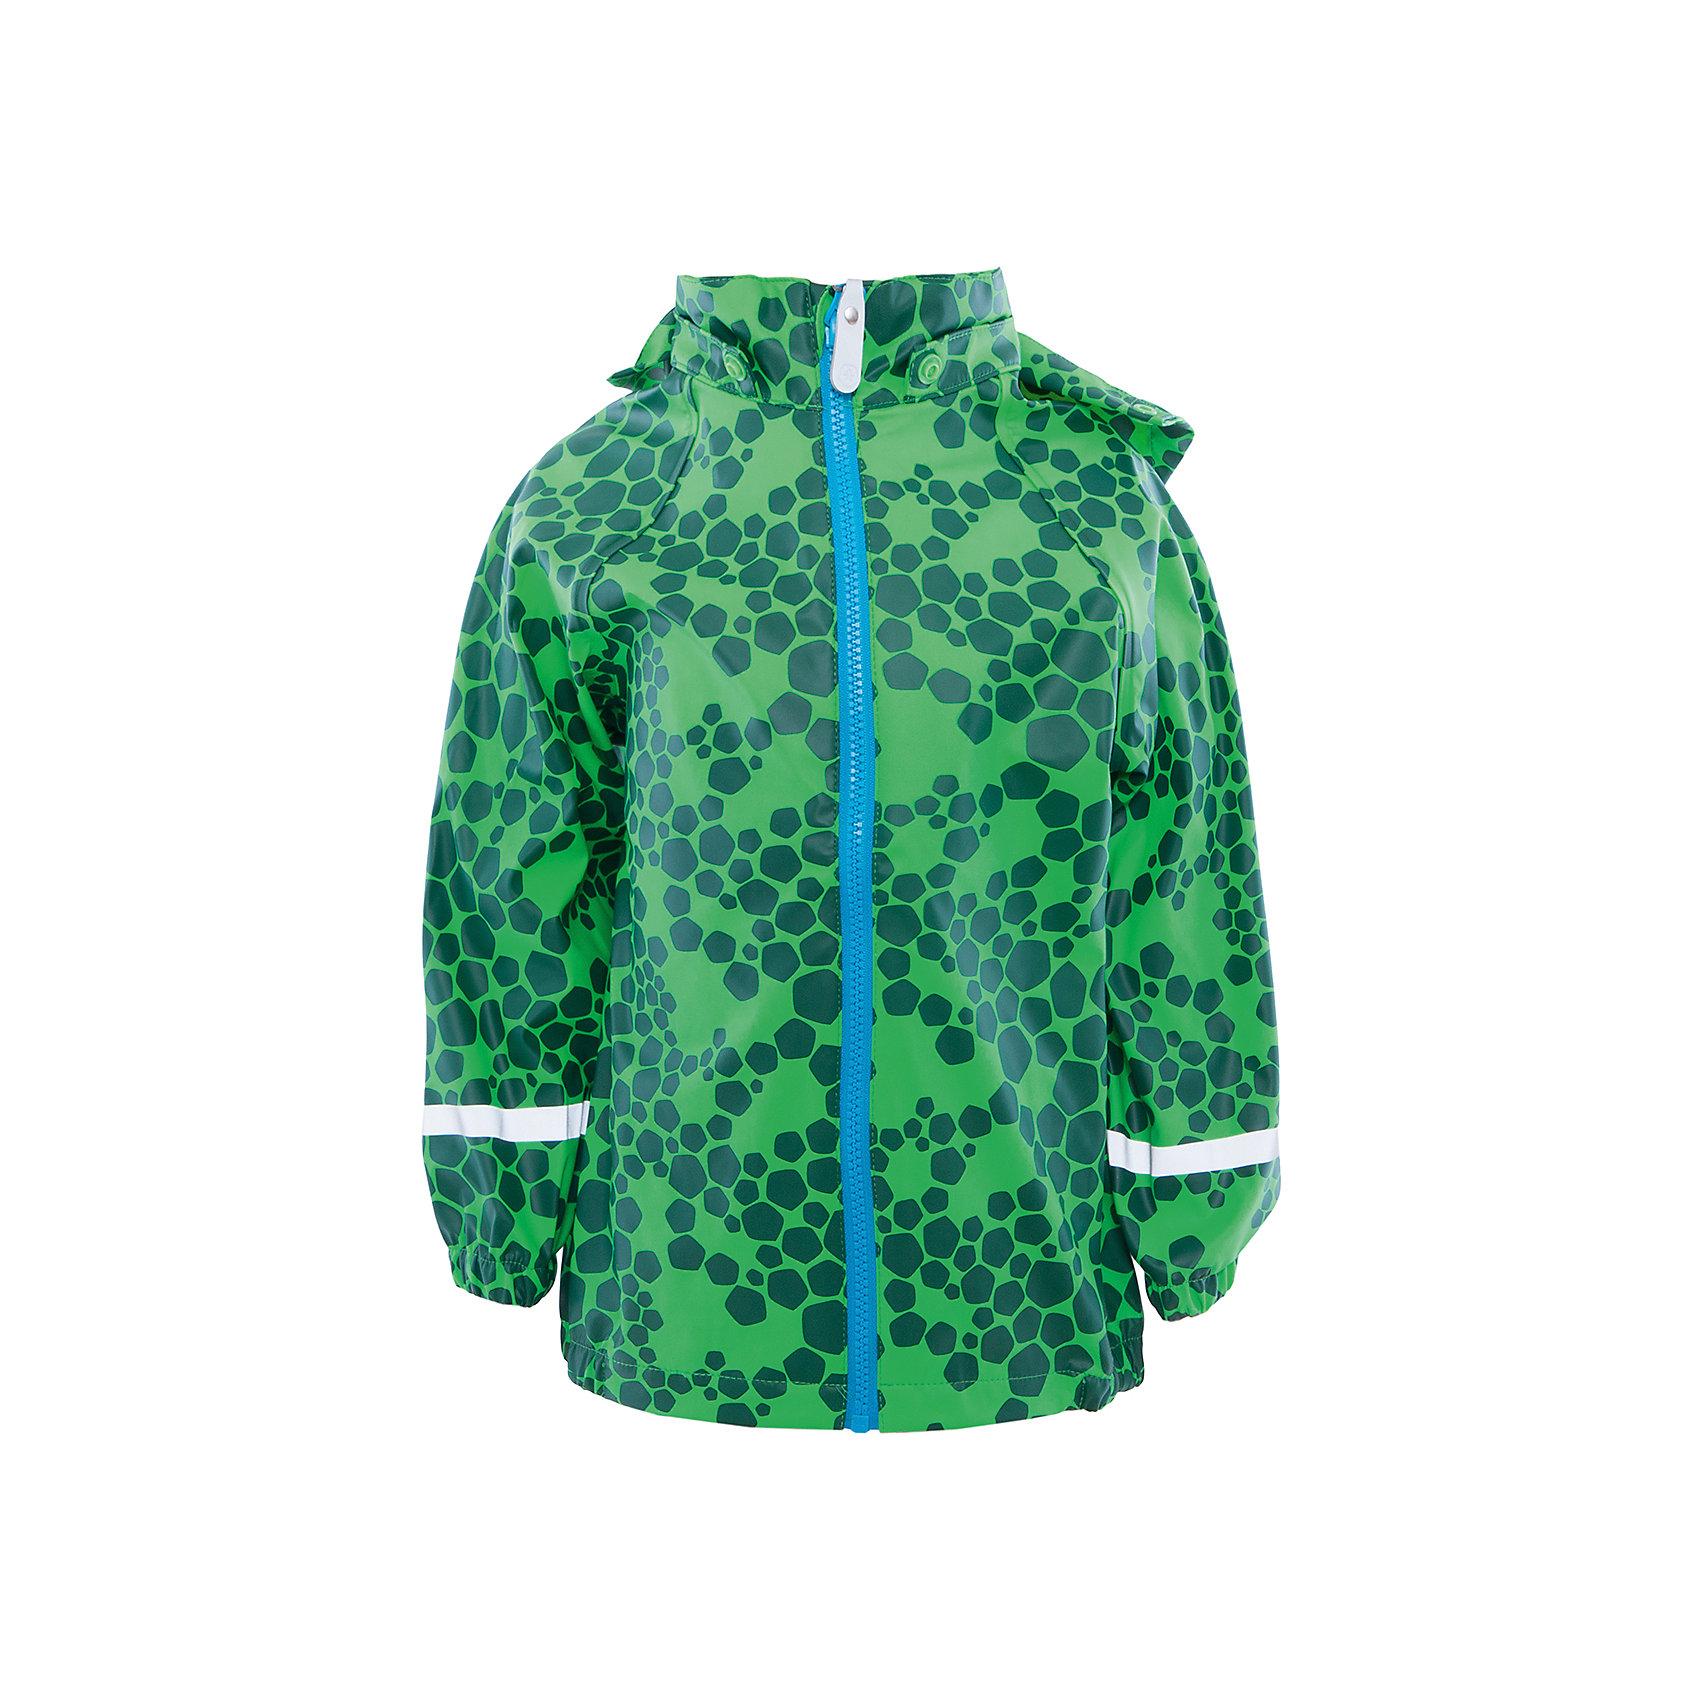 Куртка для девочки Color KidsВерхняя одежда<br>50 % полиэстер, 50 % polythane<br>*Все швы сварные<br>*Водонепроницаемый<br>*Ветрозащитный<br>*Съемный капюшон<br>*Светоотражающие детали<br>*Защита для подбородка<br>*Эластичный низ куртки<br>Состав:<br>50 % полиэстер, 50 % polythane<br><br>Ширина мм: 356<br>Глубина мм: 10<br>Высота мм: 245<br>Вес г: 519<br>Цвет: зеленый<br>Возраст от месяцев: 24<br>Возраст до месяцев: 36<br>Пол: Женский<br>Возраст: Детский<br>Размер: 98,104,110,116,122,128<br>SKU: 5557325